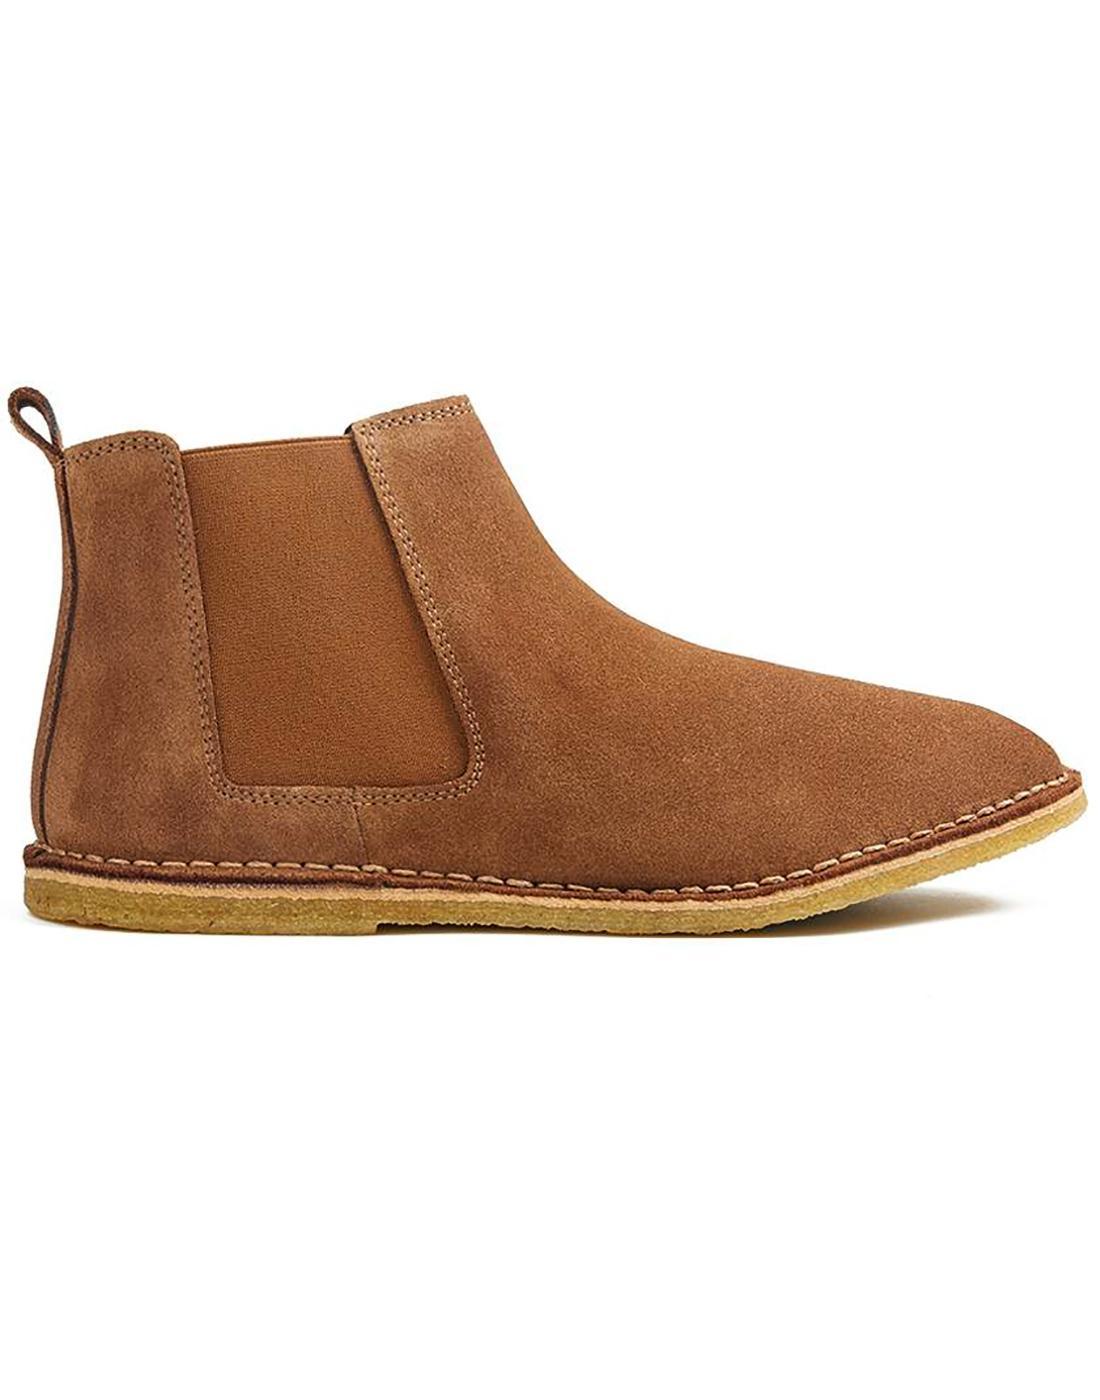 1bfed68e1cb3 PRETTY GREEN Retro Mod Suede Chelsea Boots in Dark Tan